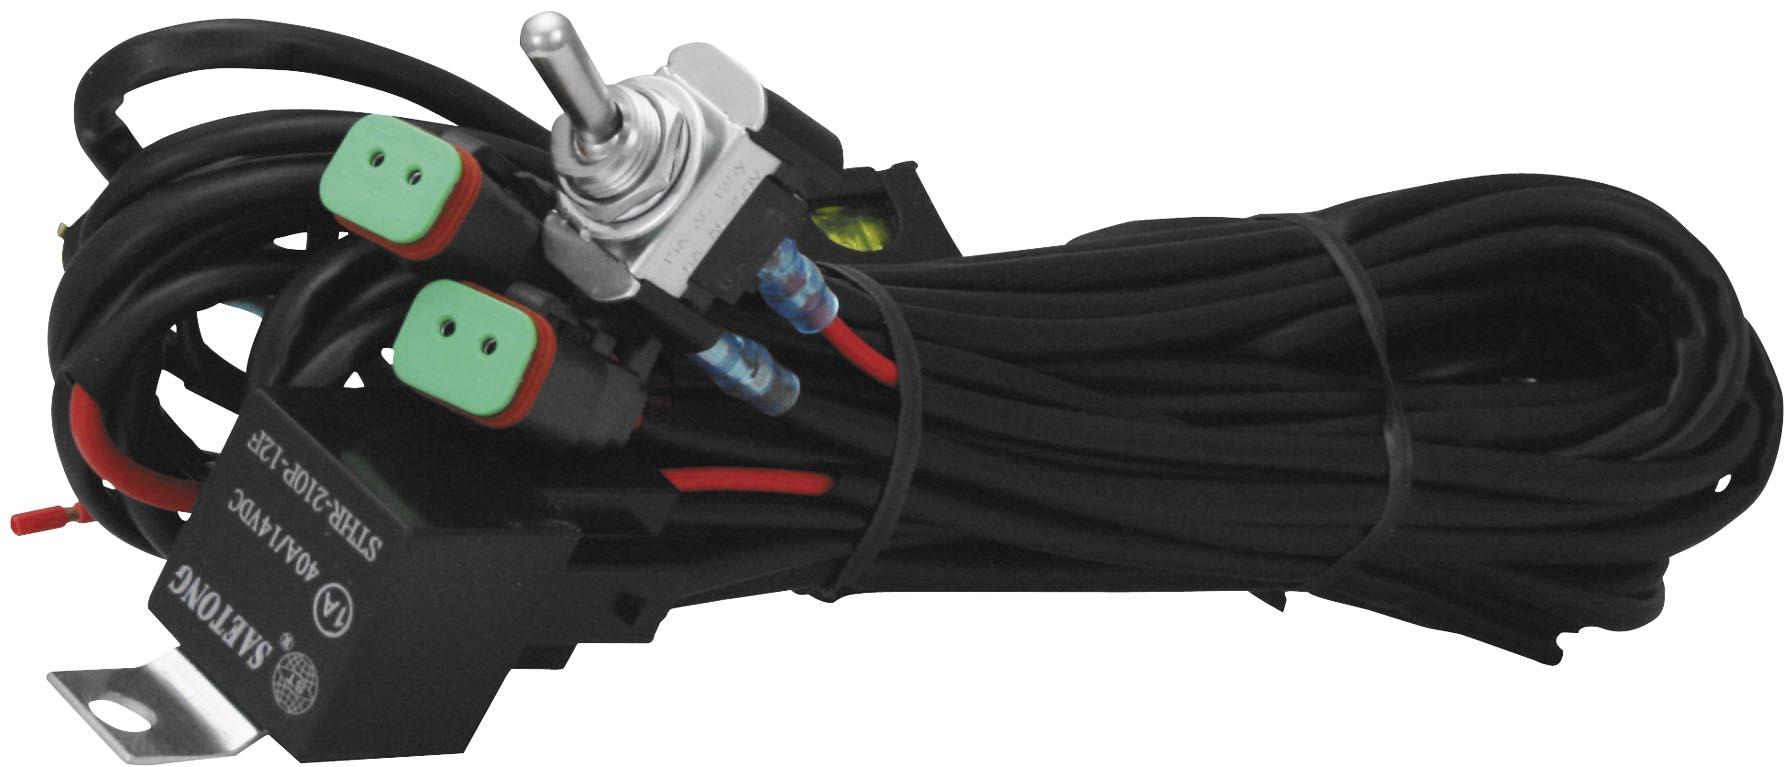 [SCHEMATICS_4ER]  8BF3B Vision X Light Wiring Diagram | Wiring Library | Vision X Wiring Harness Diagram |  | Wiring Library